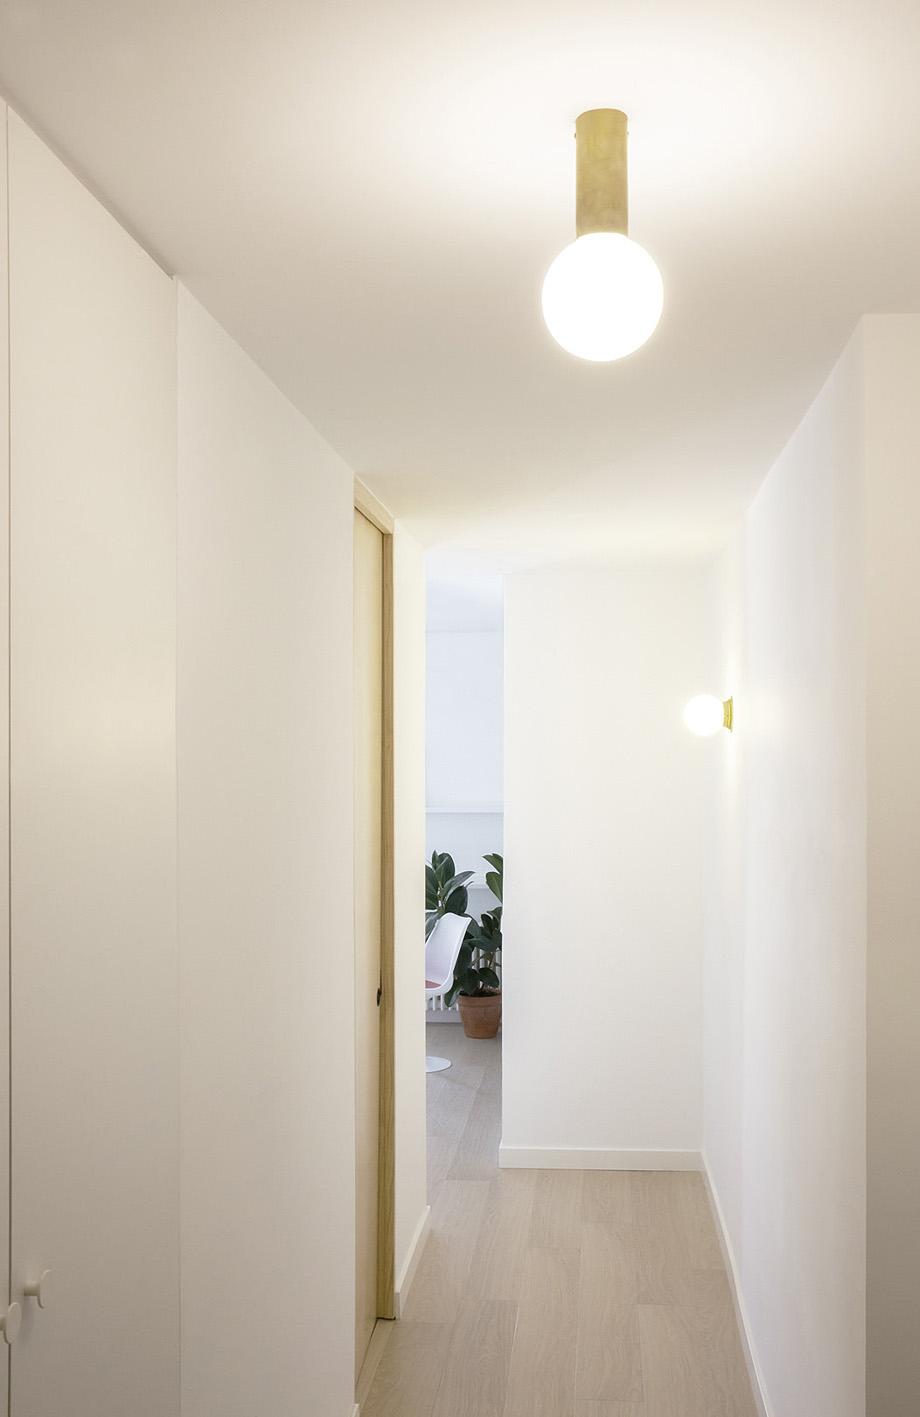 reforma de un piso en madrid por sara palomar (aoa) - foto andrea bruiz (11)